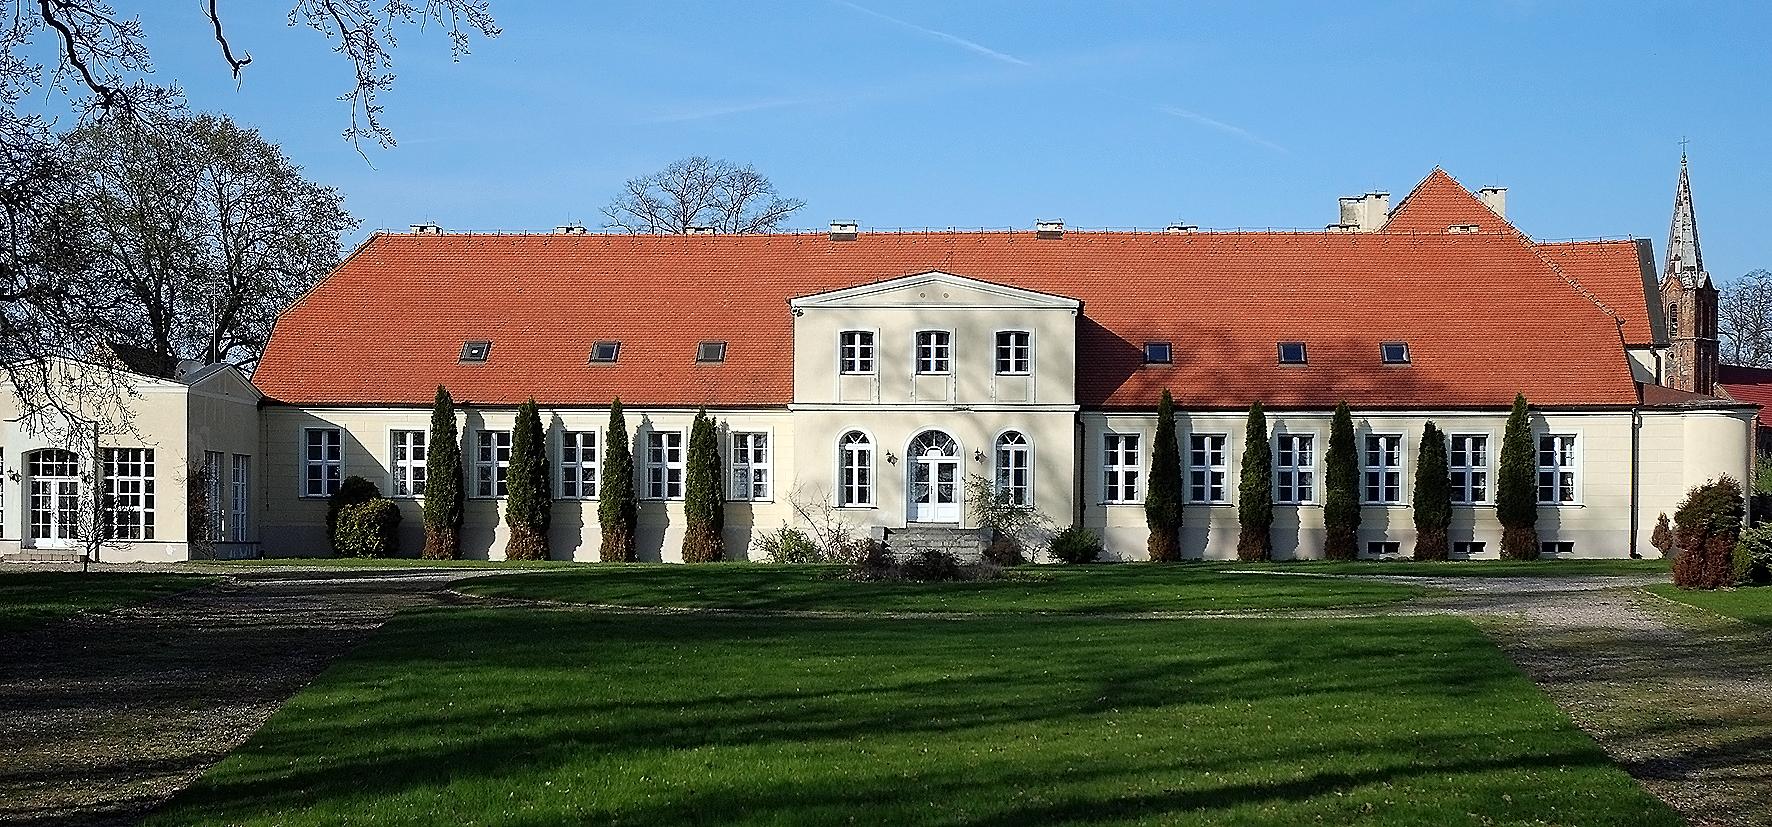 Schloss Kültz/Kulice bei Naugard/Nowogard